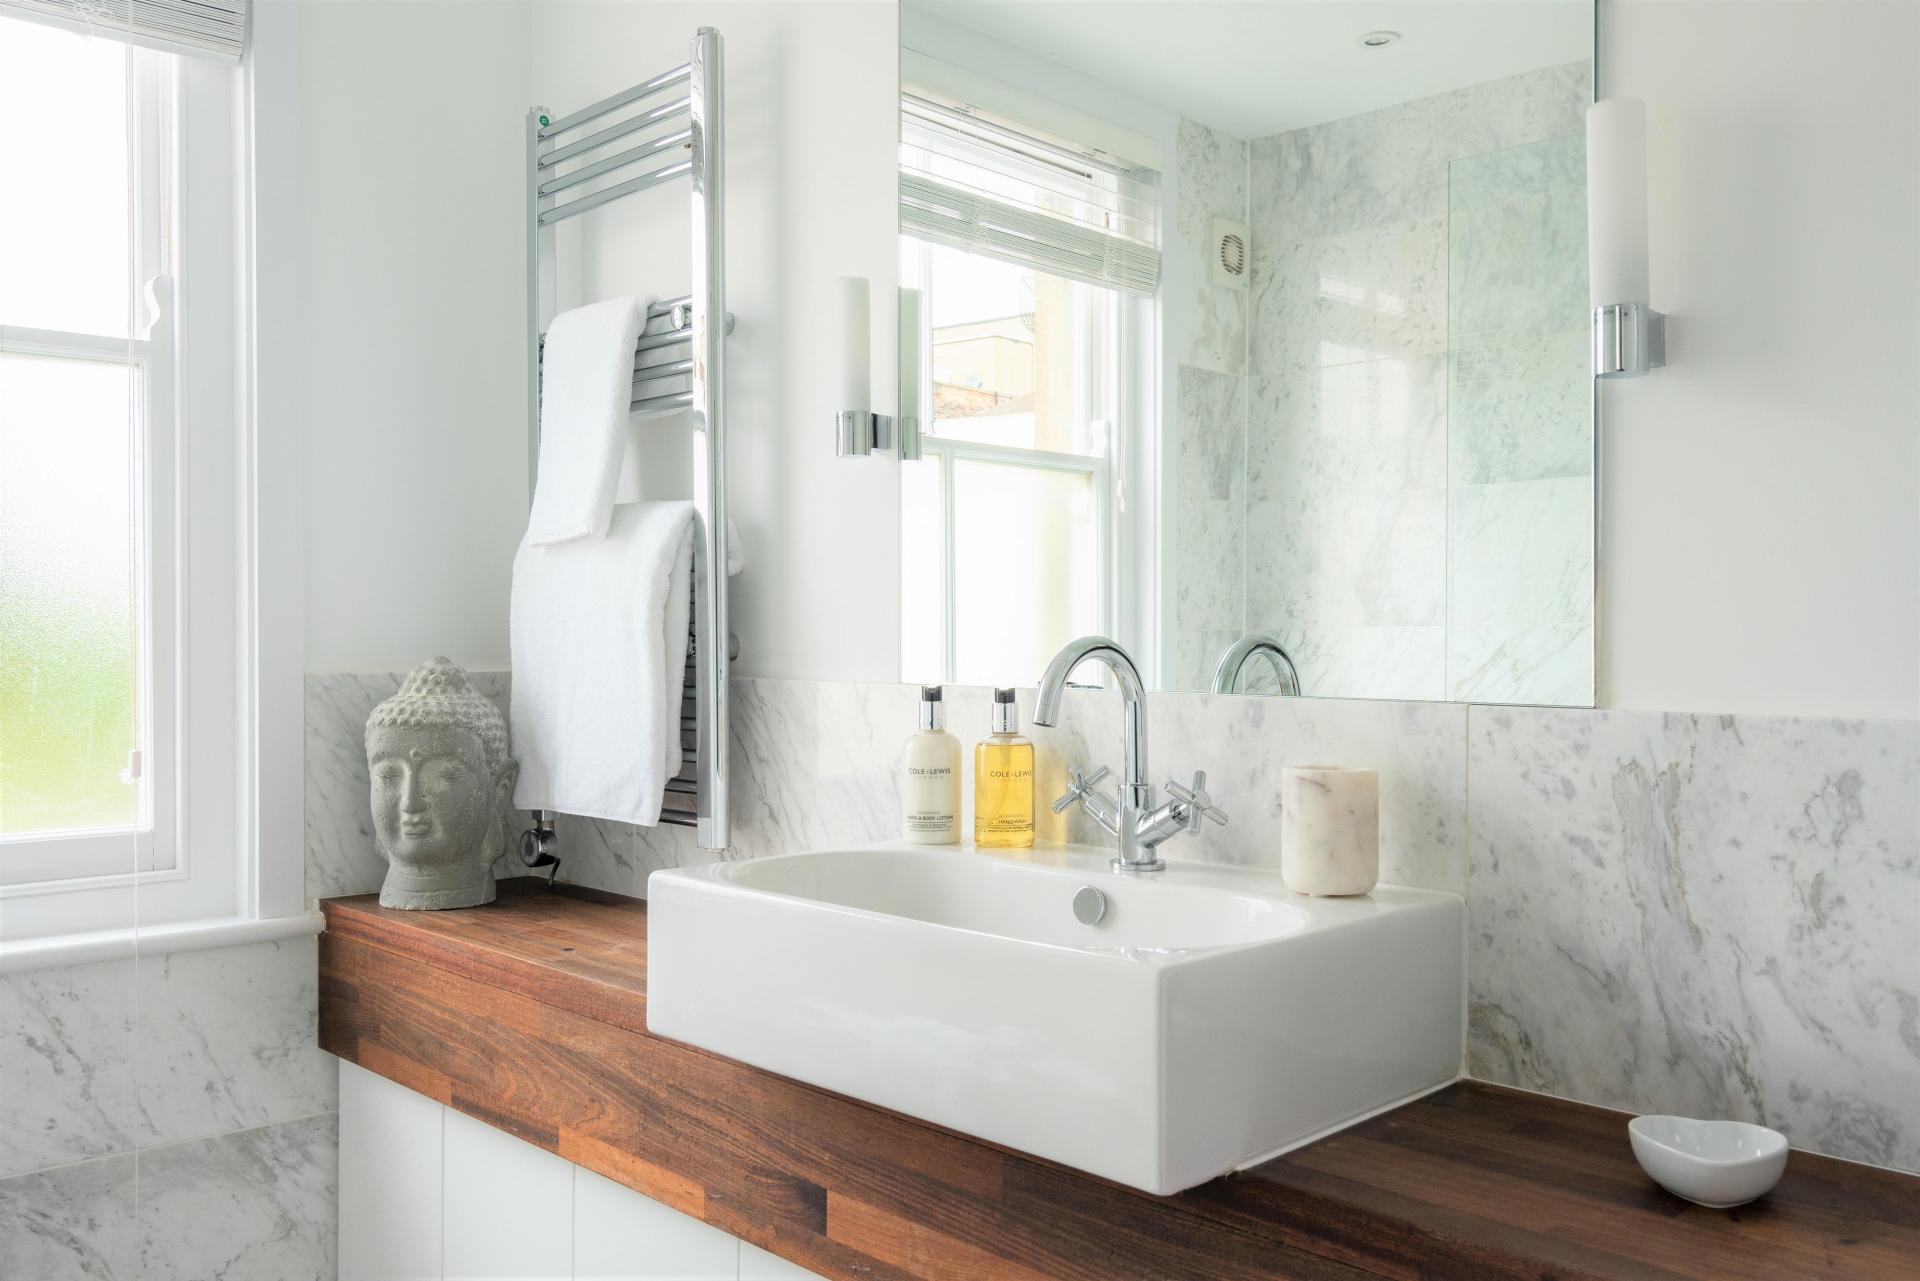 Bathroom vanity at 20 Montpellier Spa Road